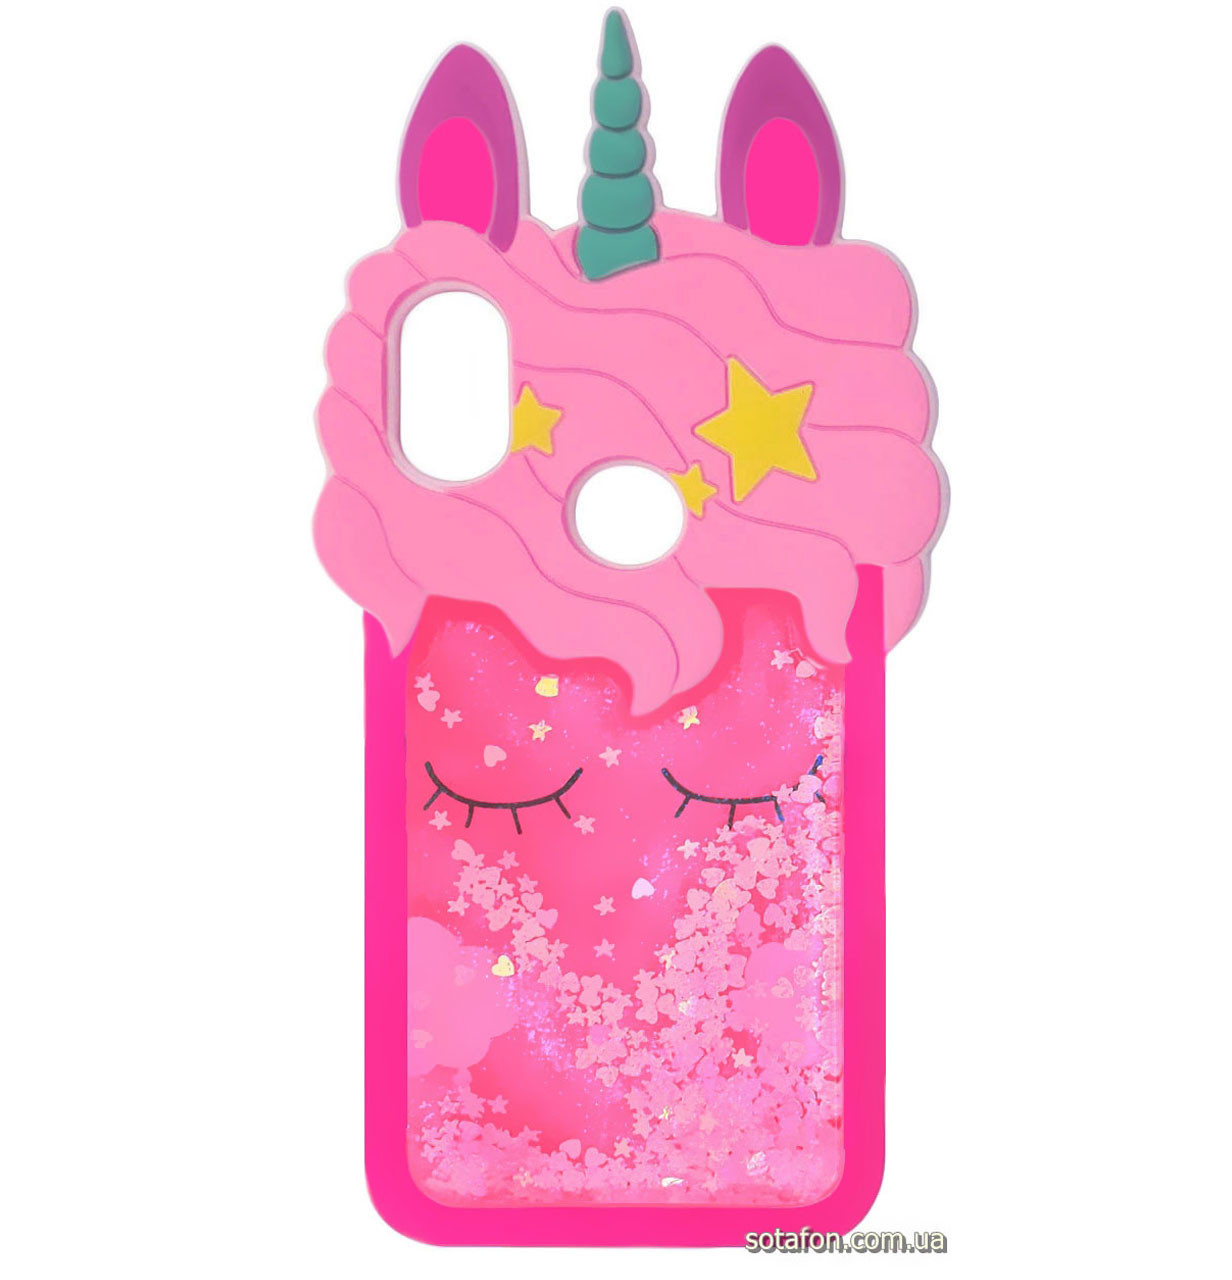 Чехол-накладка TPU 3D (Жидкий Блеск) Little Unicorn для Huawei P Smart Plus / Nova 3i